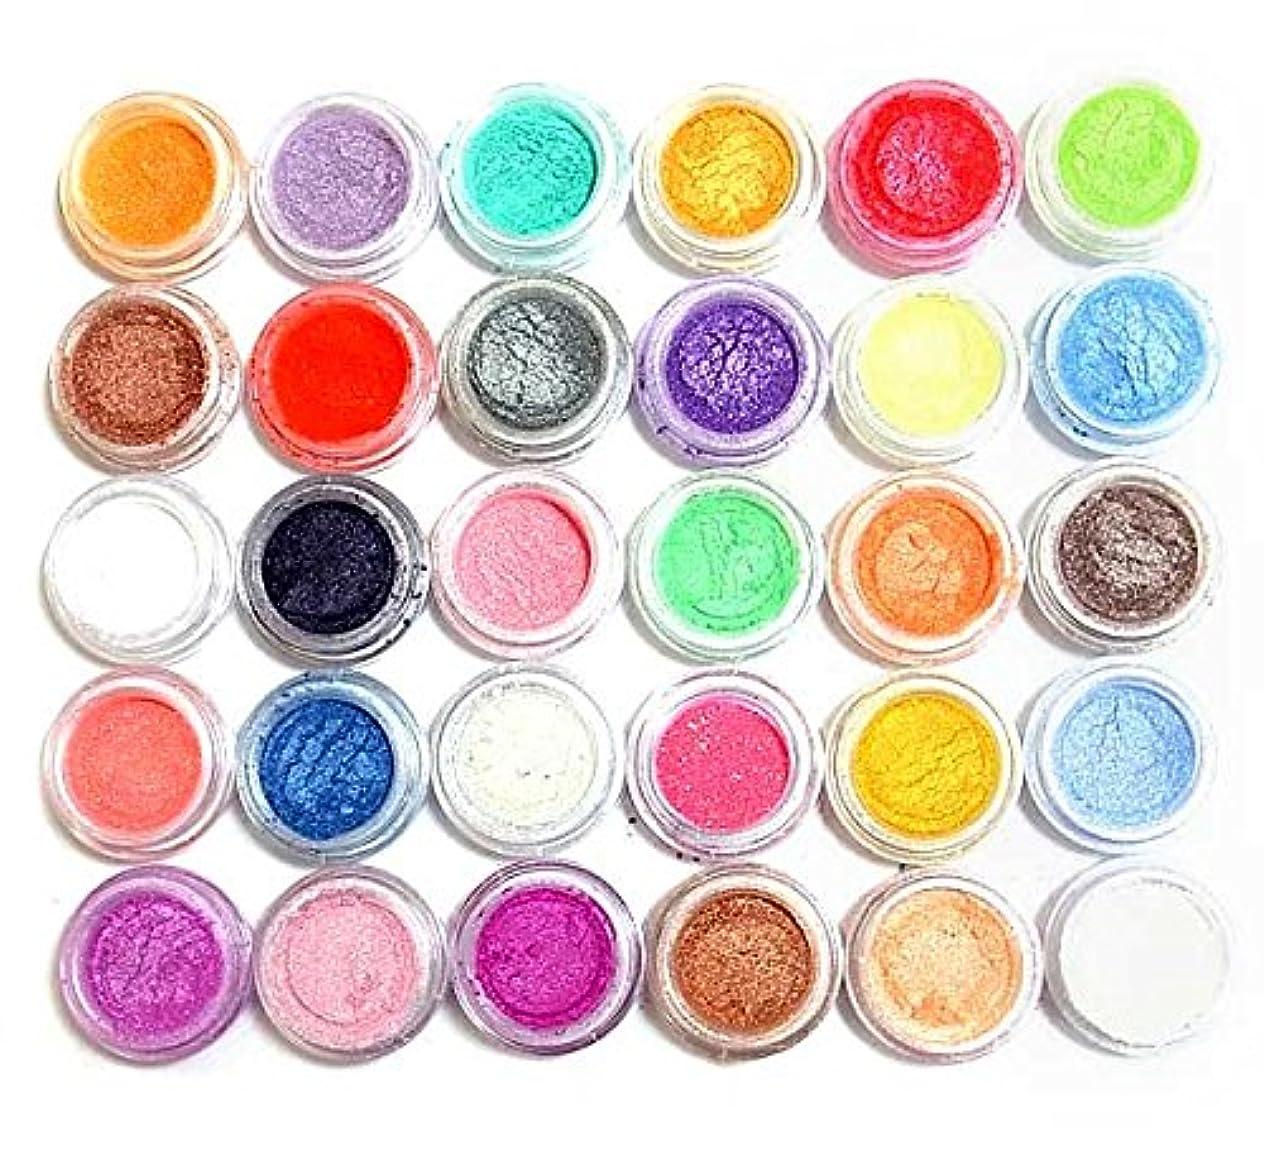 に負けるたとえ忌避剤【新色】カラーパウダー顔料30色セット?クリアジェルに混ぜてパールカラージェルに!